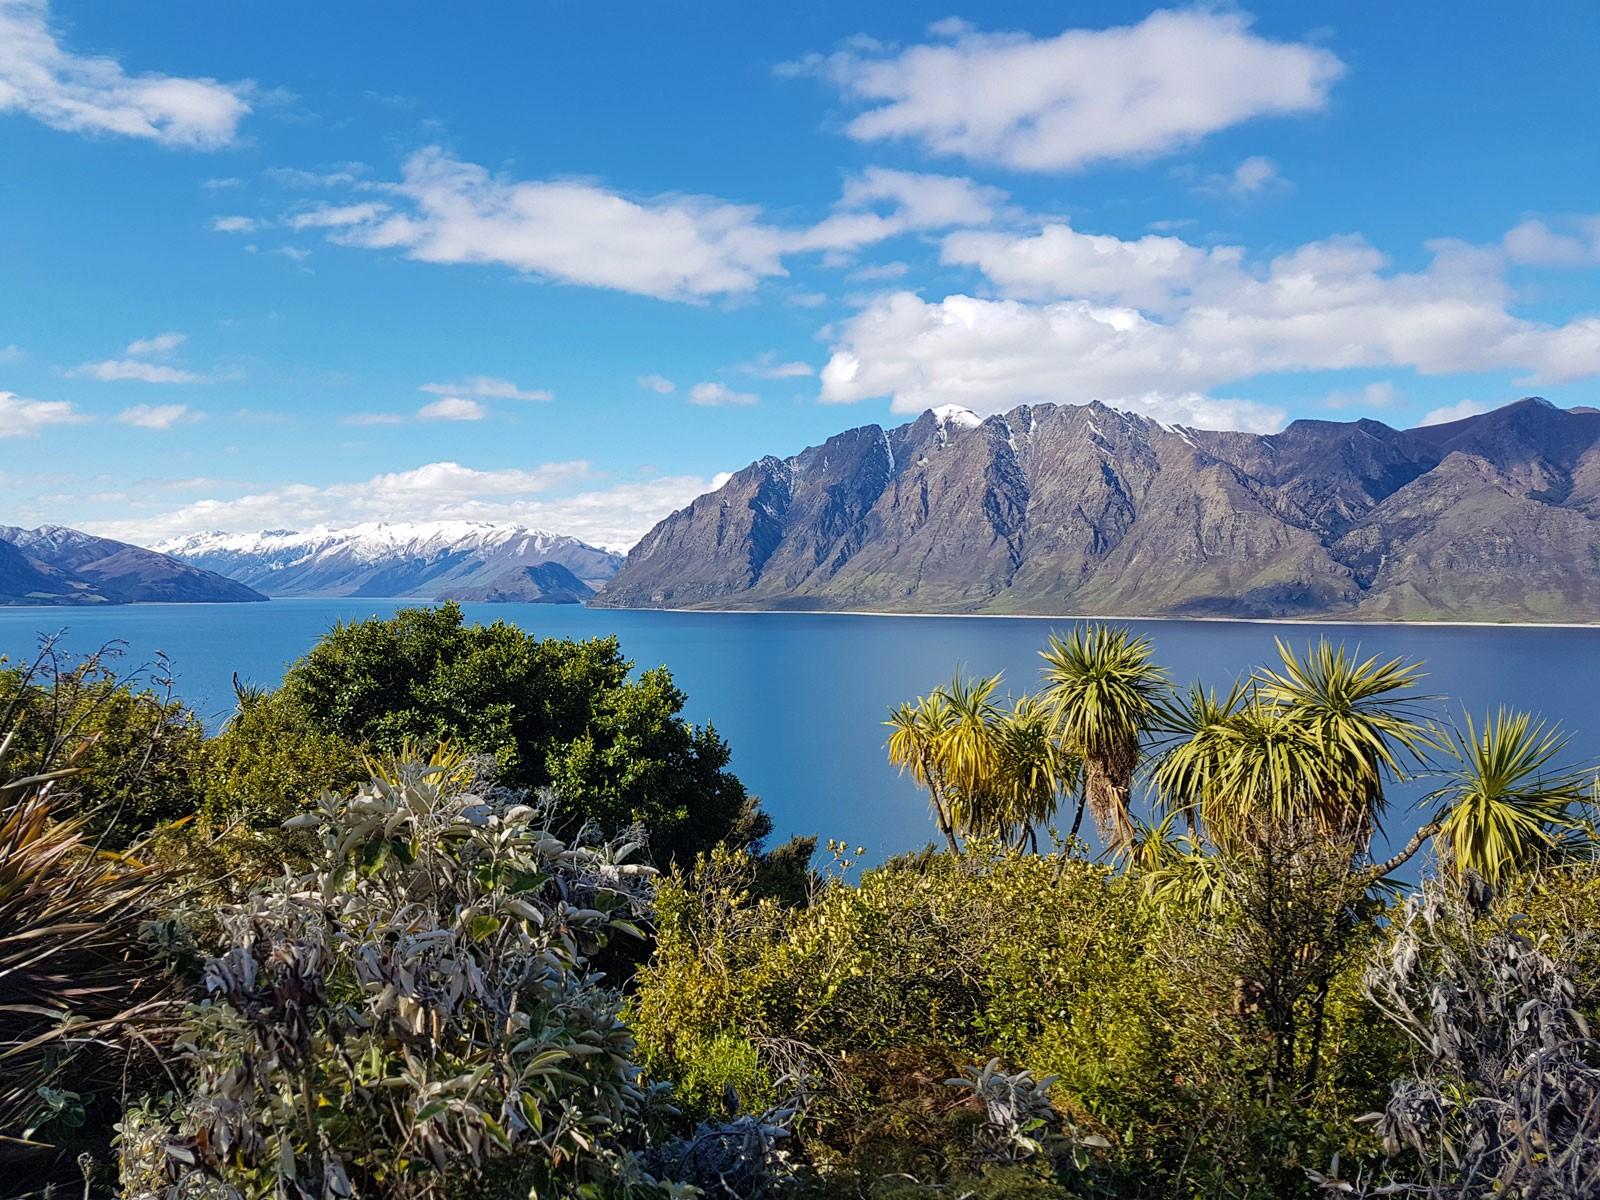 Rondreis-Nieuw-Zeeland-Hawea-2-min